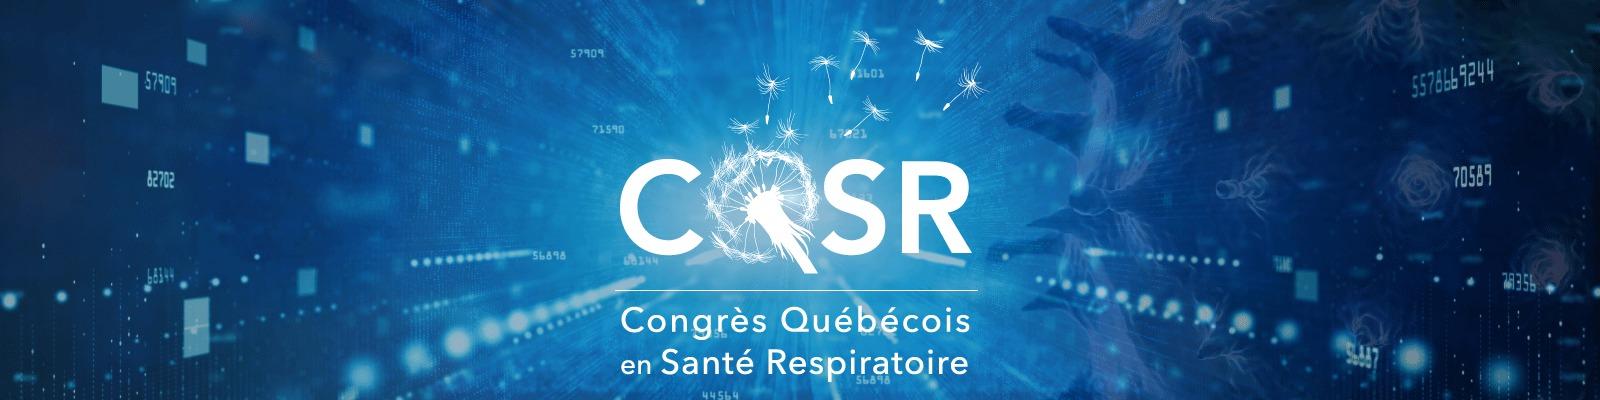 CQSR 2021